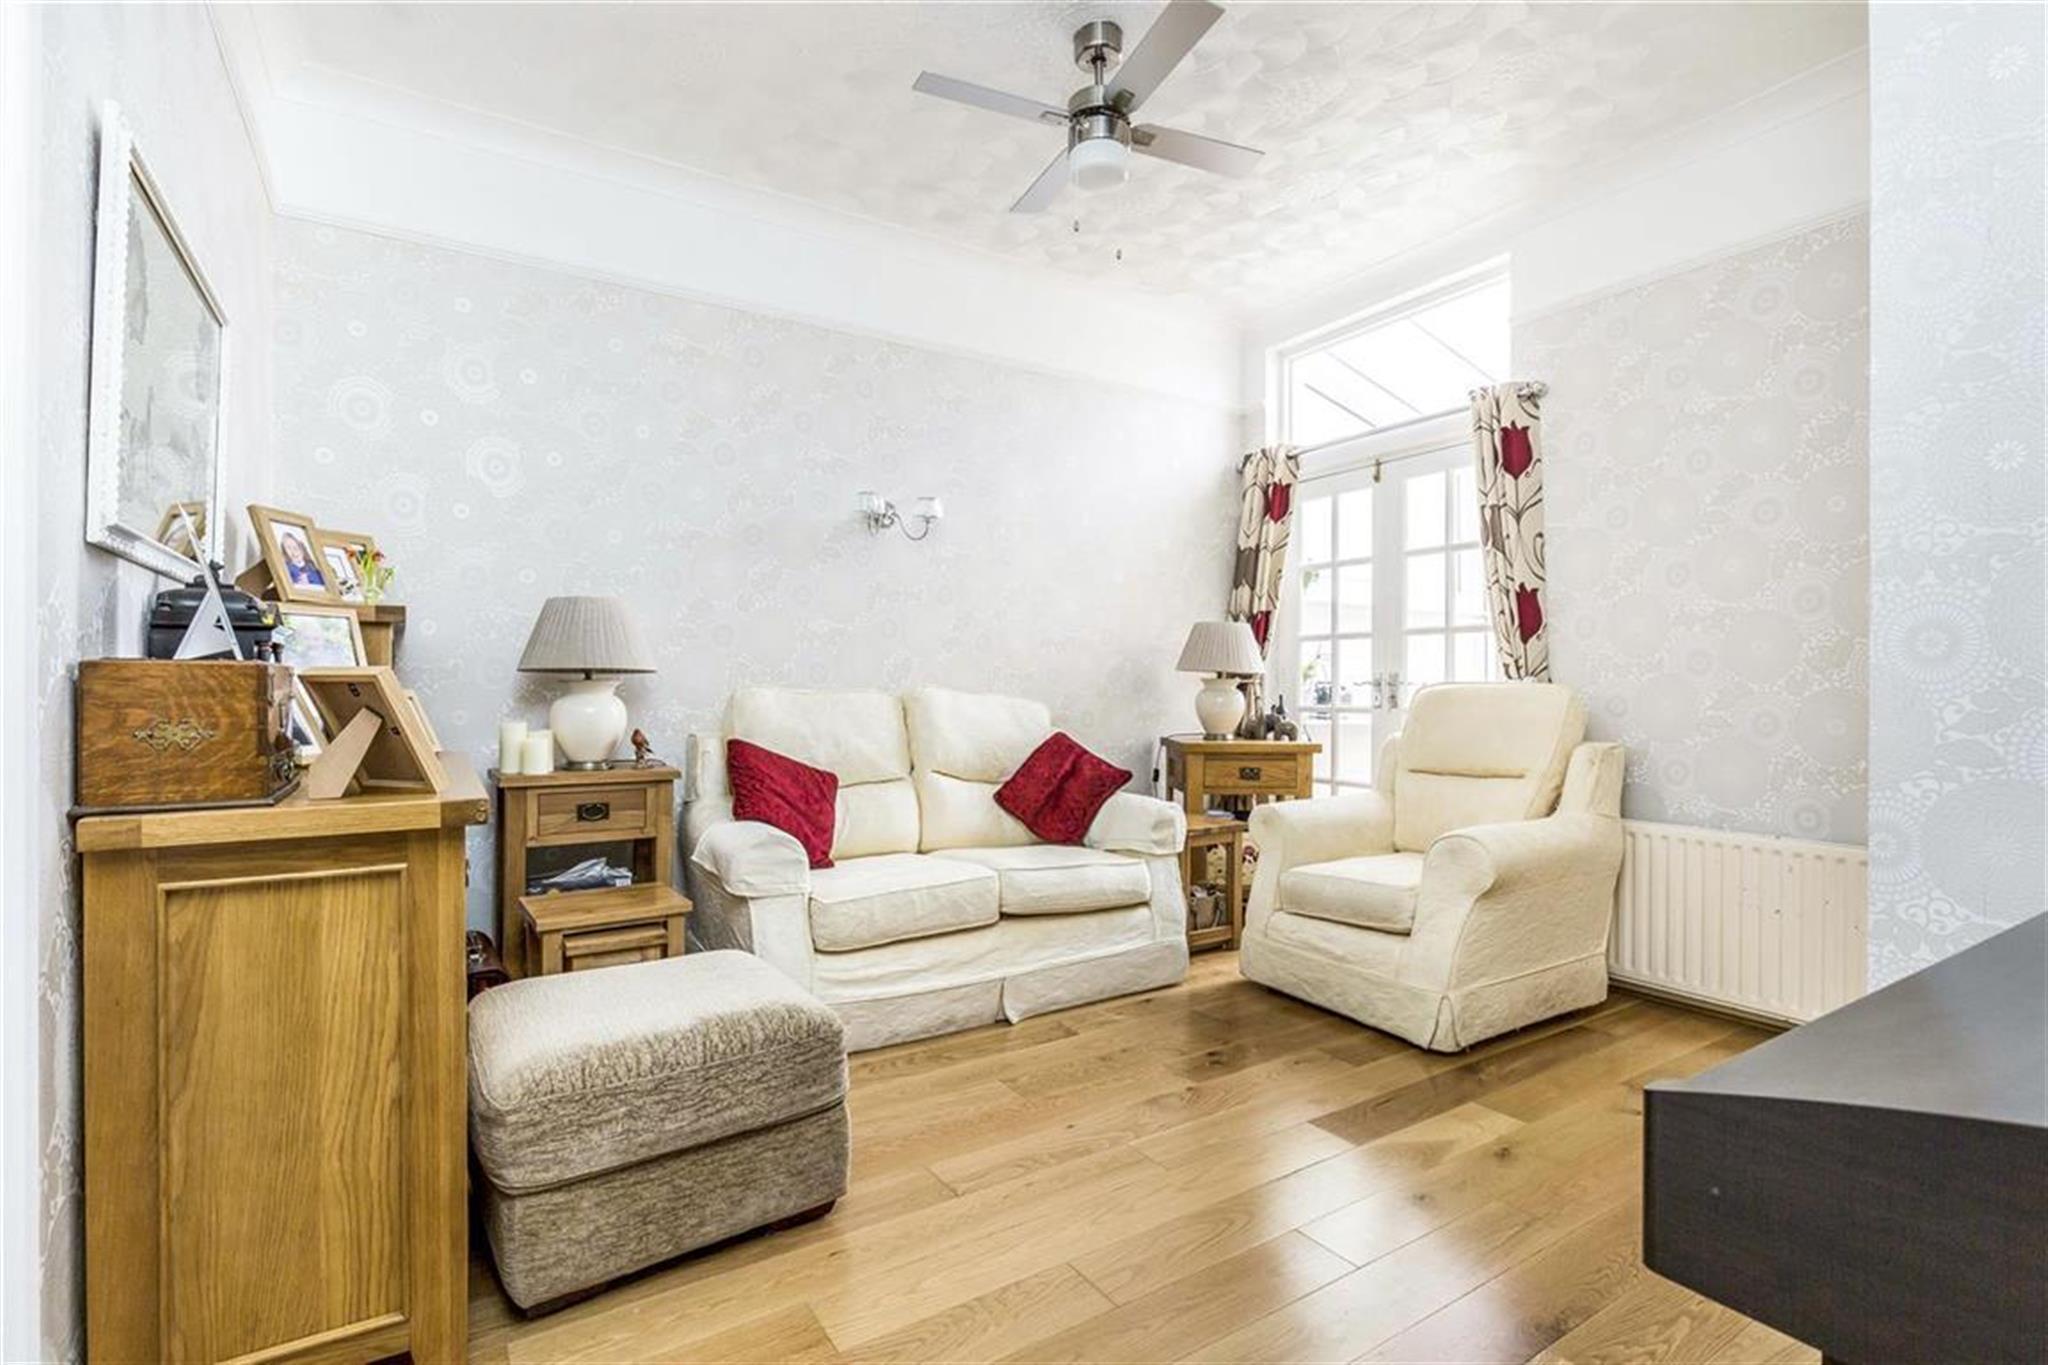 3 Bedroom House To Rent Parham Road Gosport Po12 4tz